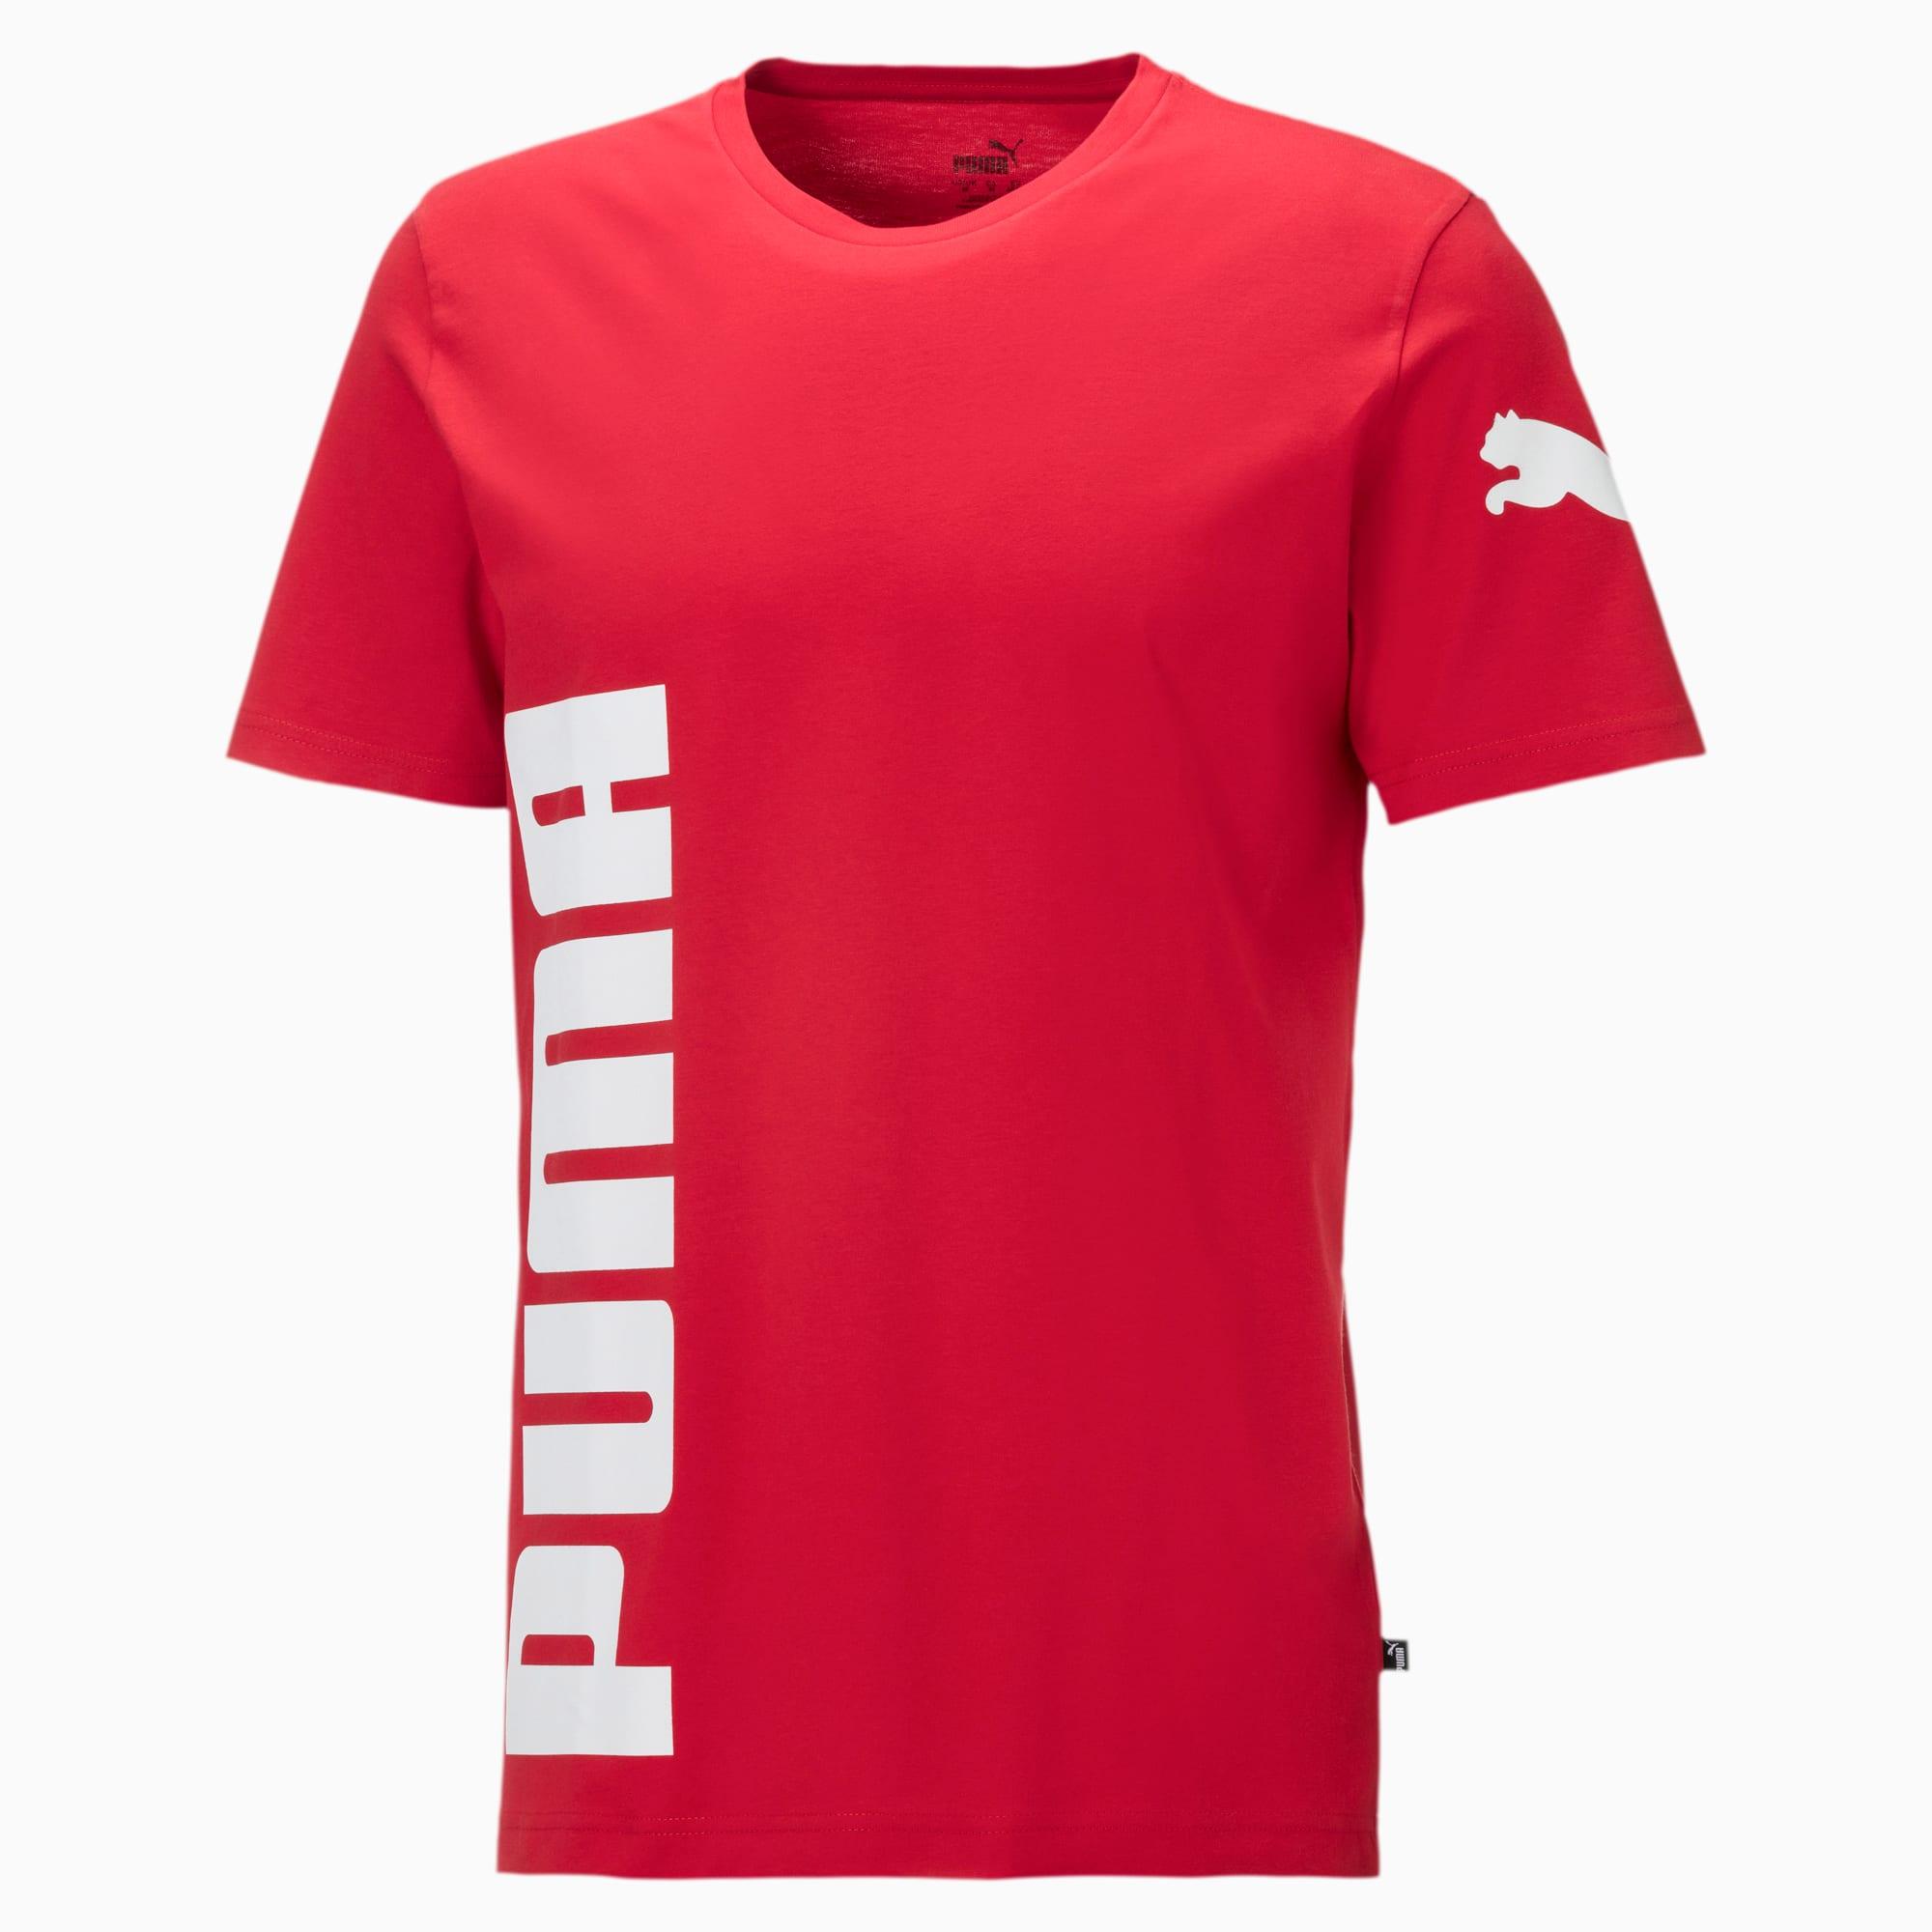 Image of PUMA Big Logo Graphic T-Shirt   Mit Aucun   Rot   Größe: M